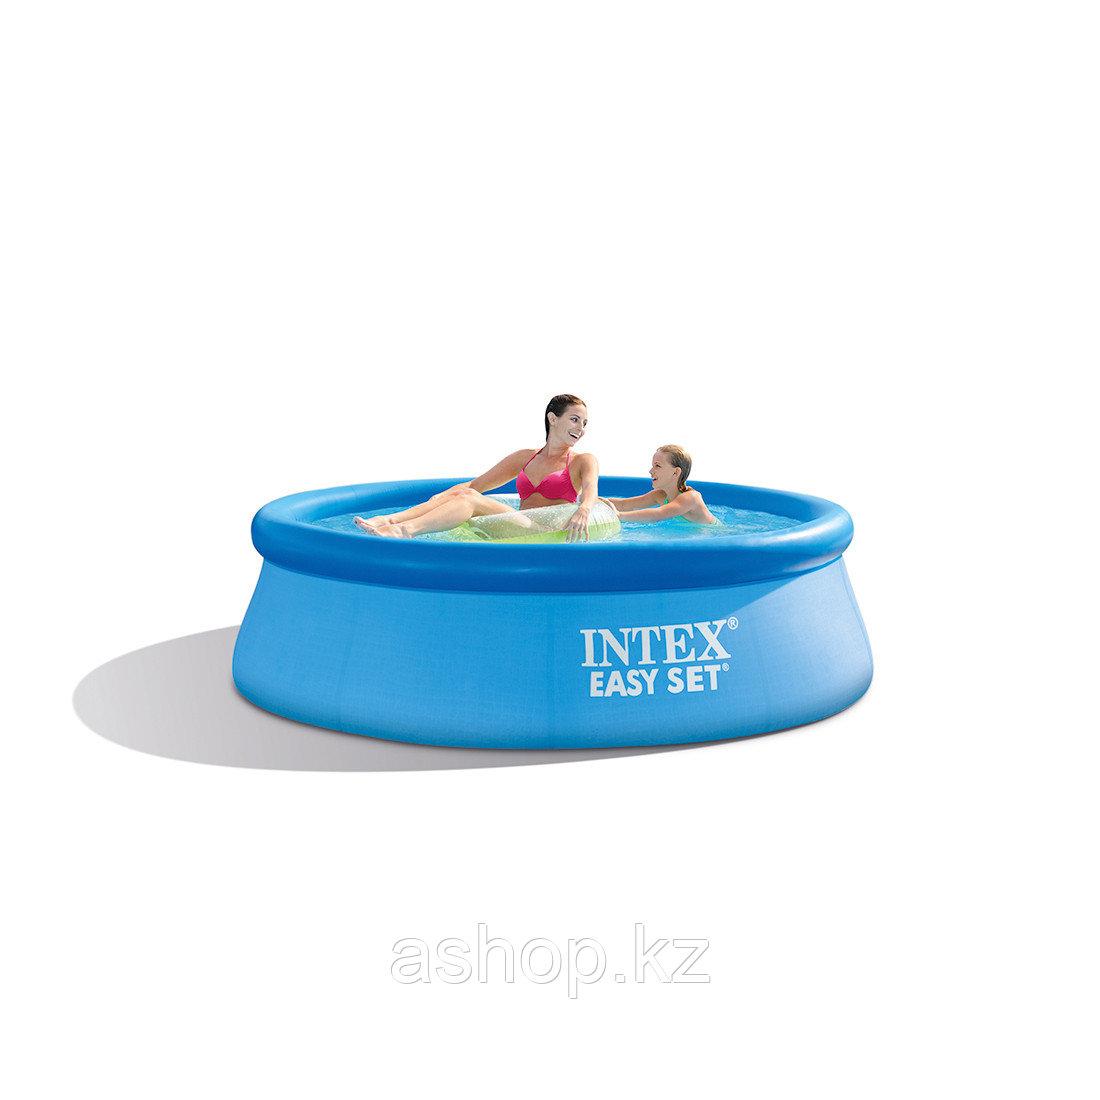 Бассейн надувной Intex Easy set, 2419 л, Возрост: От 10 лет, Насос: Нет, Лестница: Нет, Поливинилхлорид, Цвет: